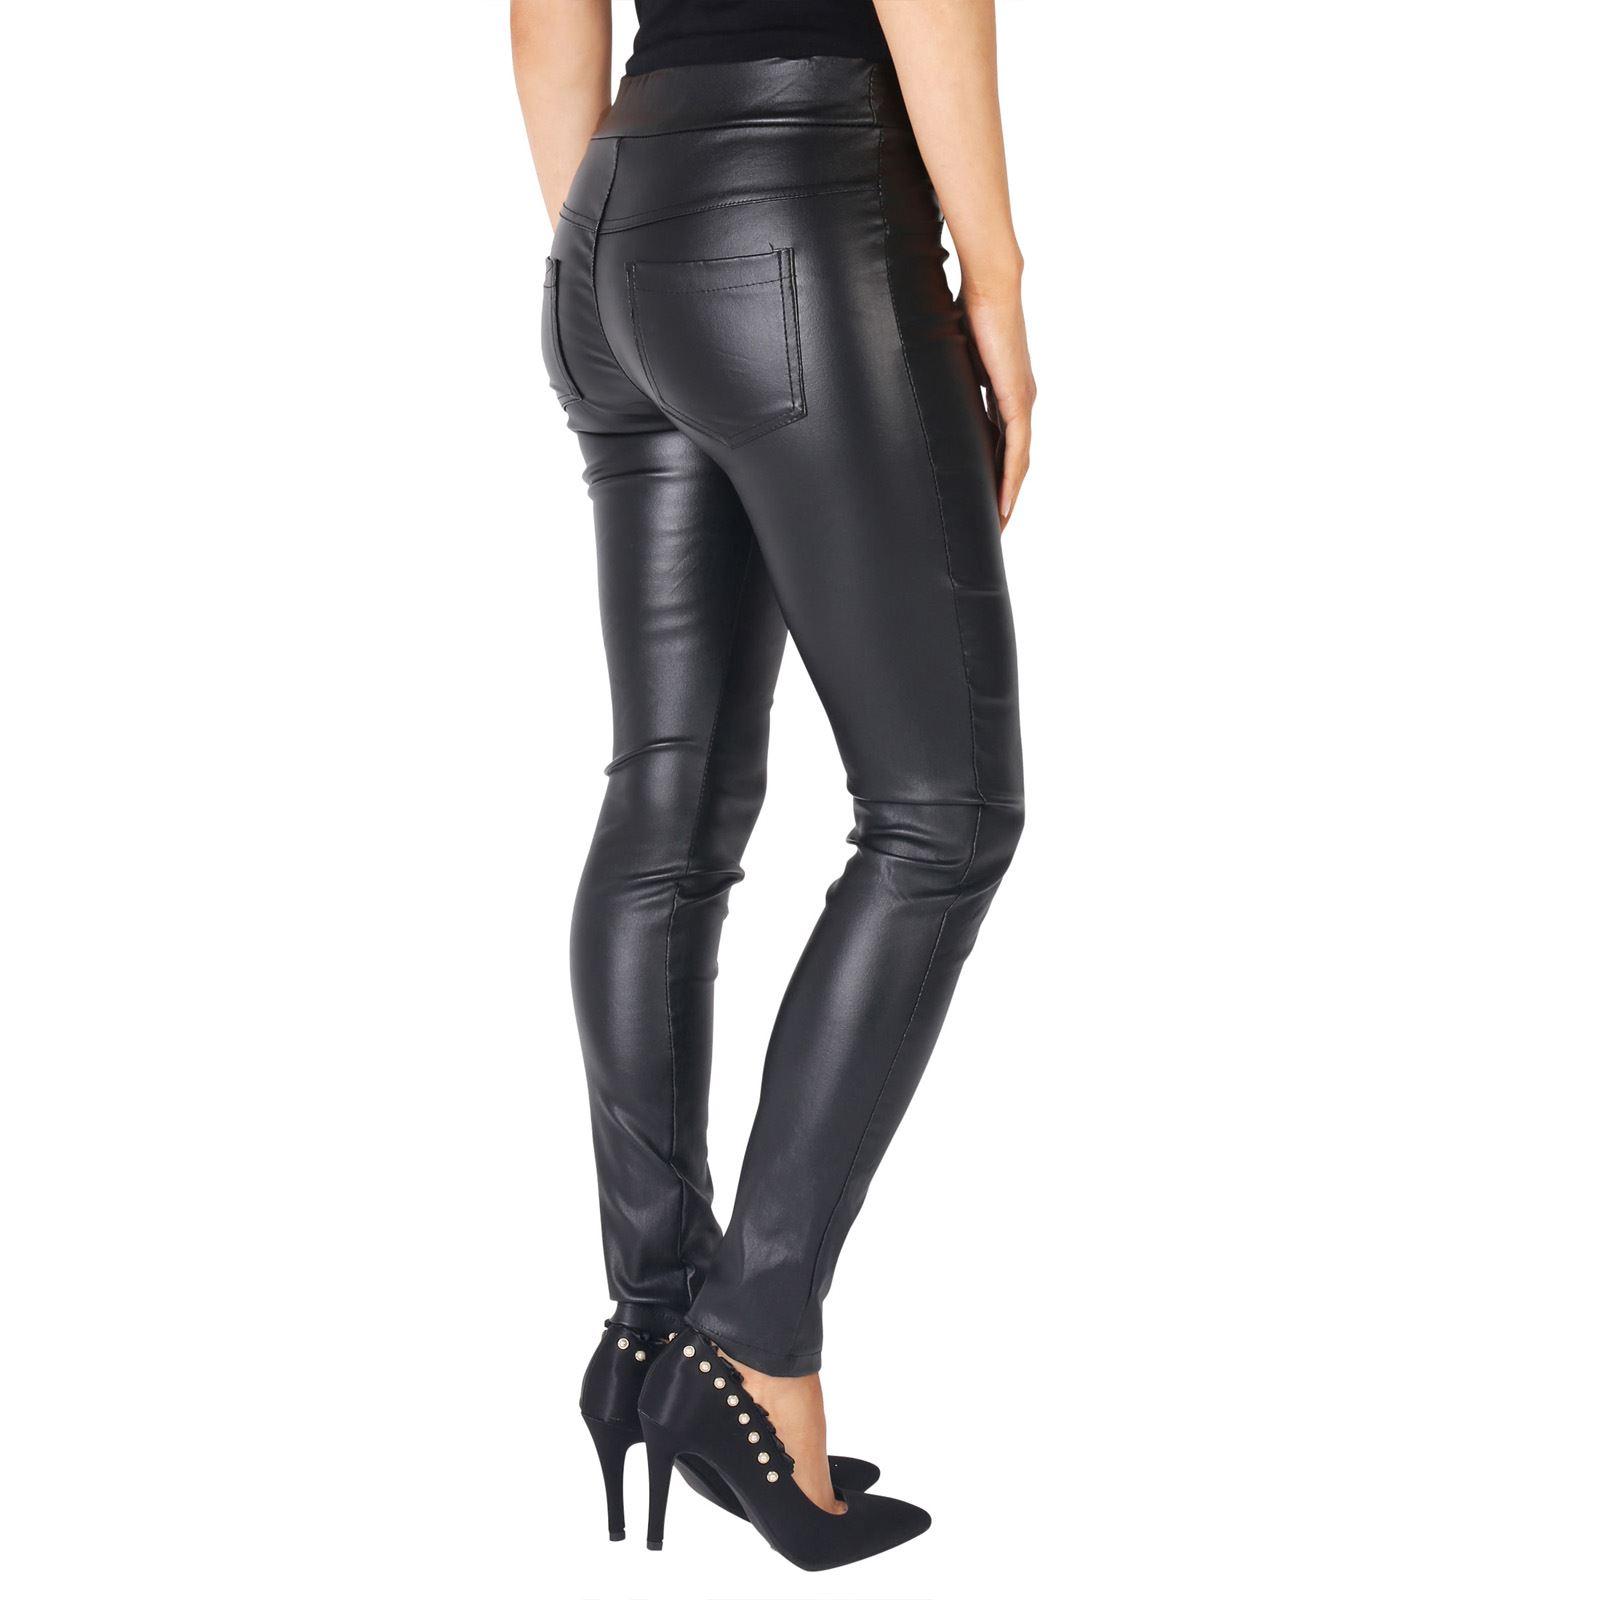 KRISP-Pantalones-Vestir-Invierno-Elasticos-Tacto-Cuero-Elegante-Fiesta